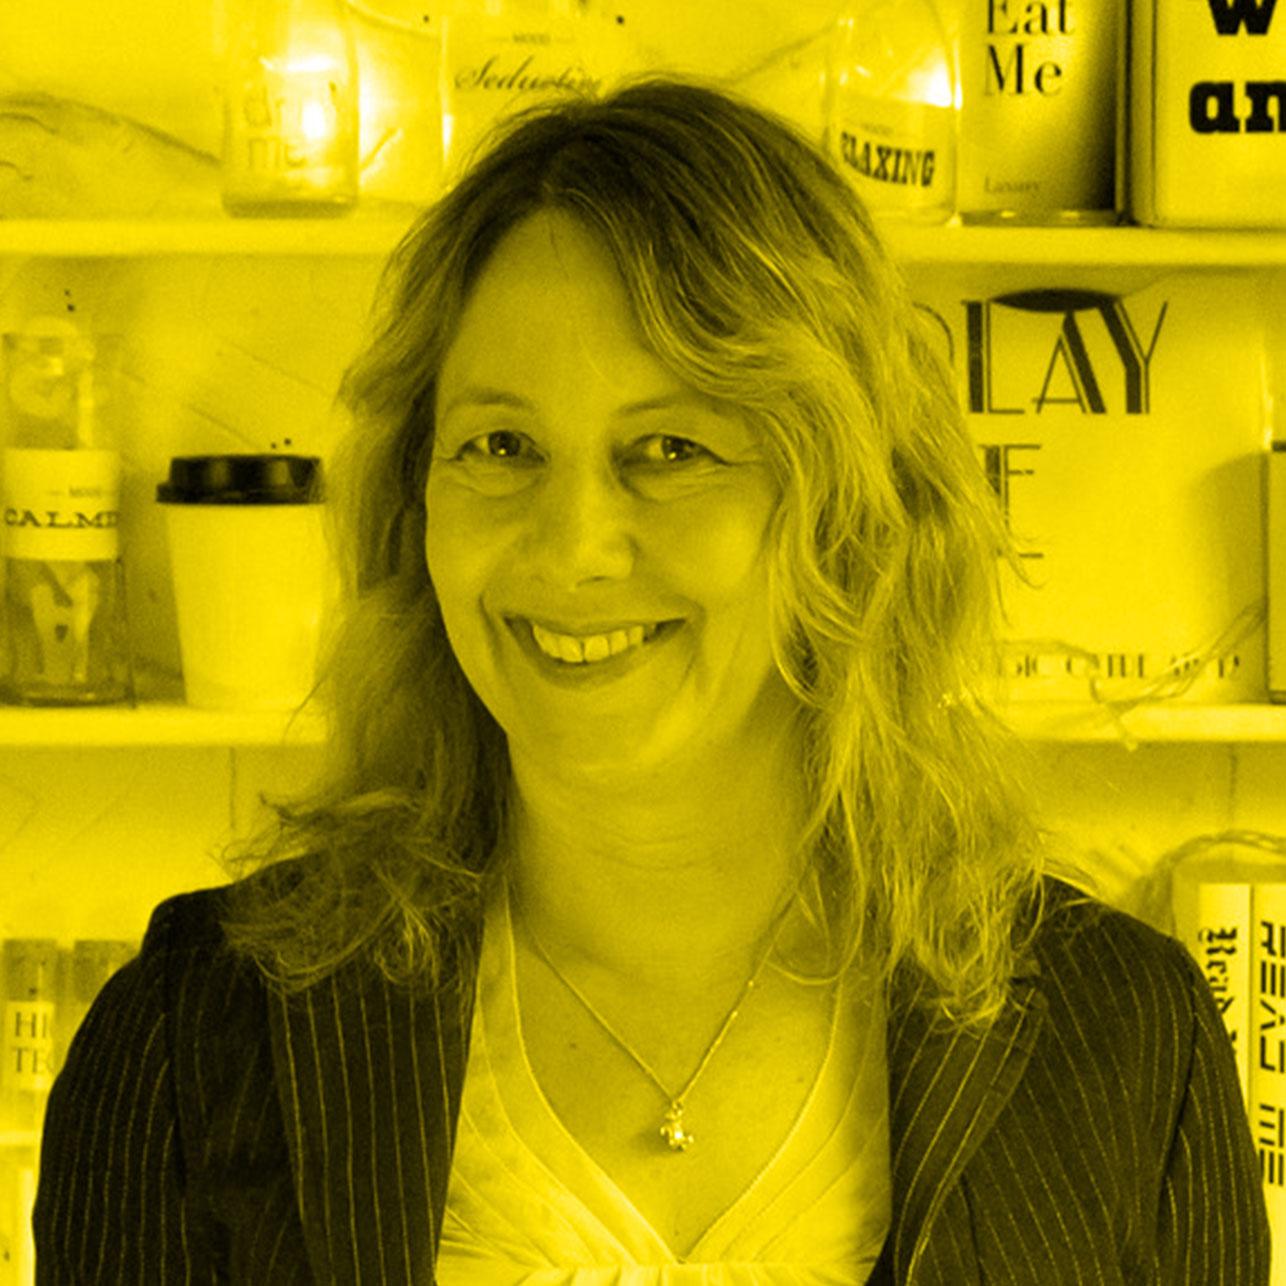 Sarah Hyndman